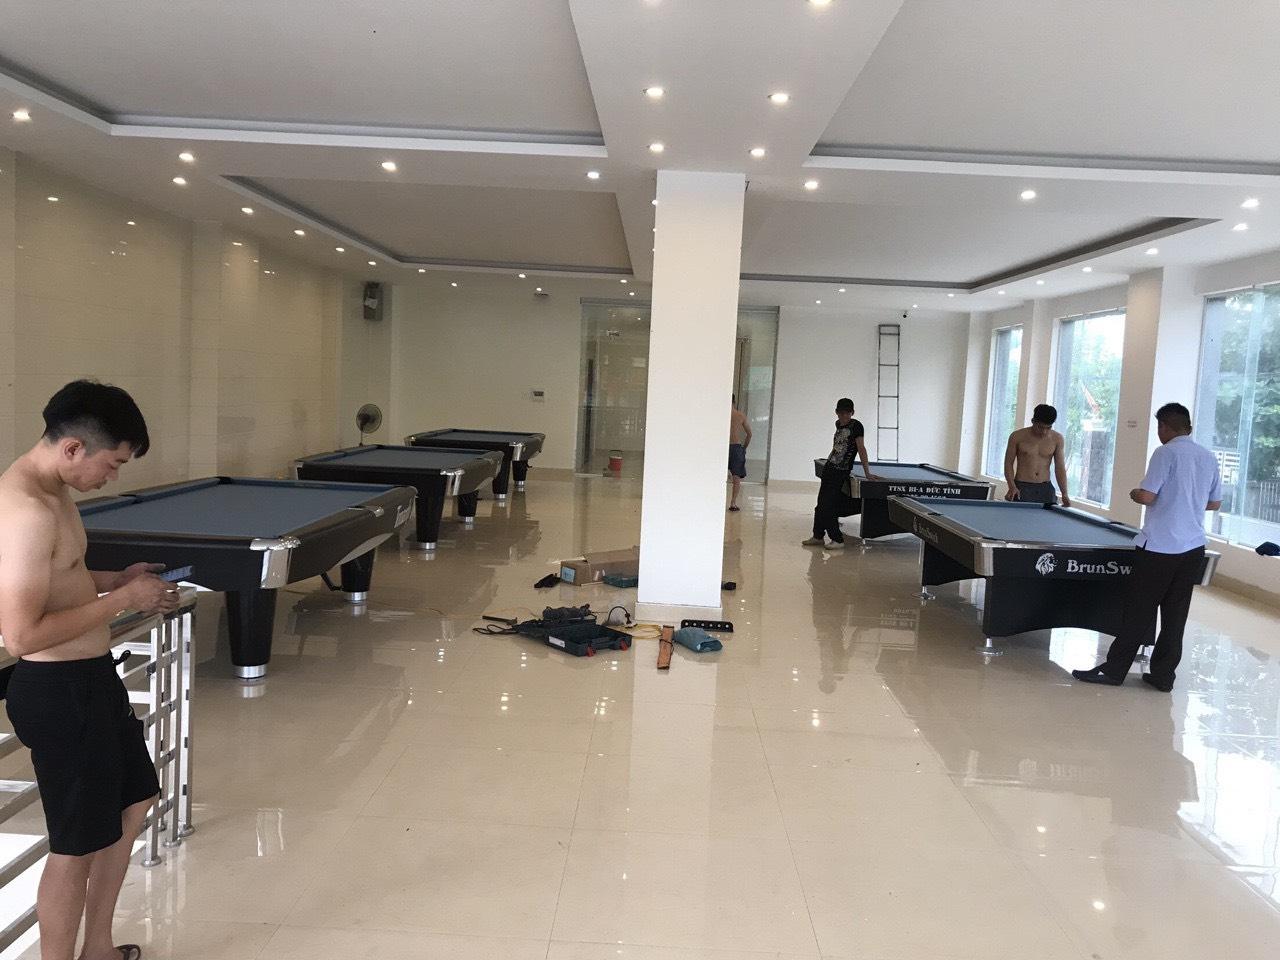 Billiards Hoàn Thúy lắp đặt 3 bàn 9017 liên doanh Taiwan và 2 bàn 9018 Việt Nam tại Yên Thành, Nghệ An